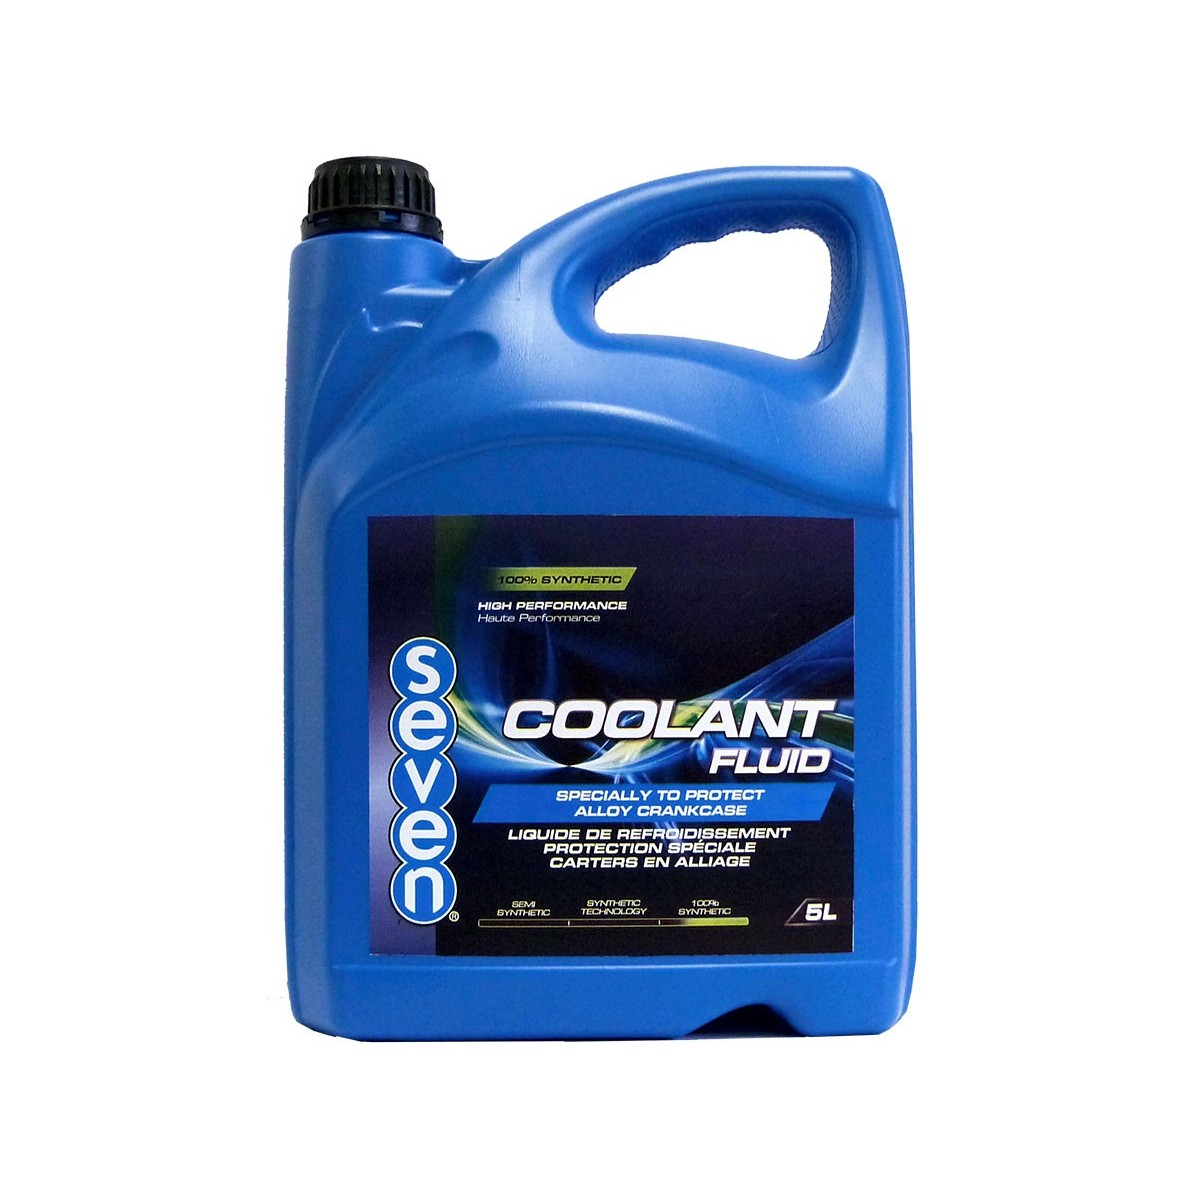 Liquide de refroidissement SEVEN COOLANT FLUID - 5L